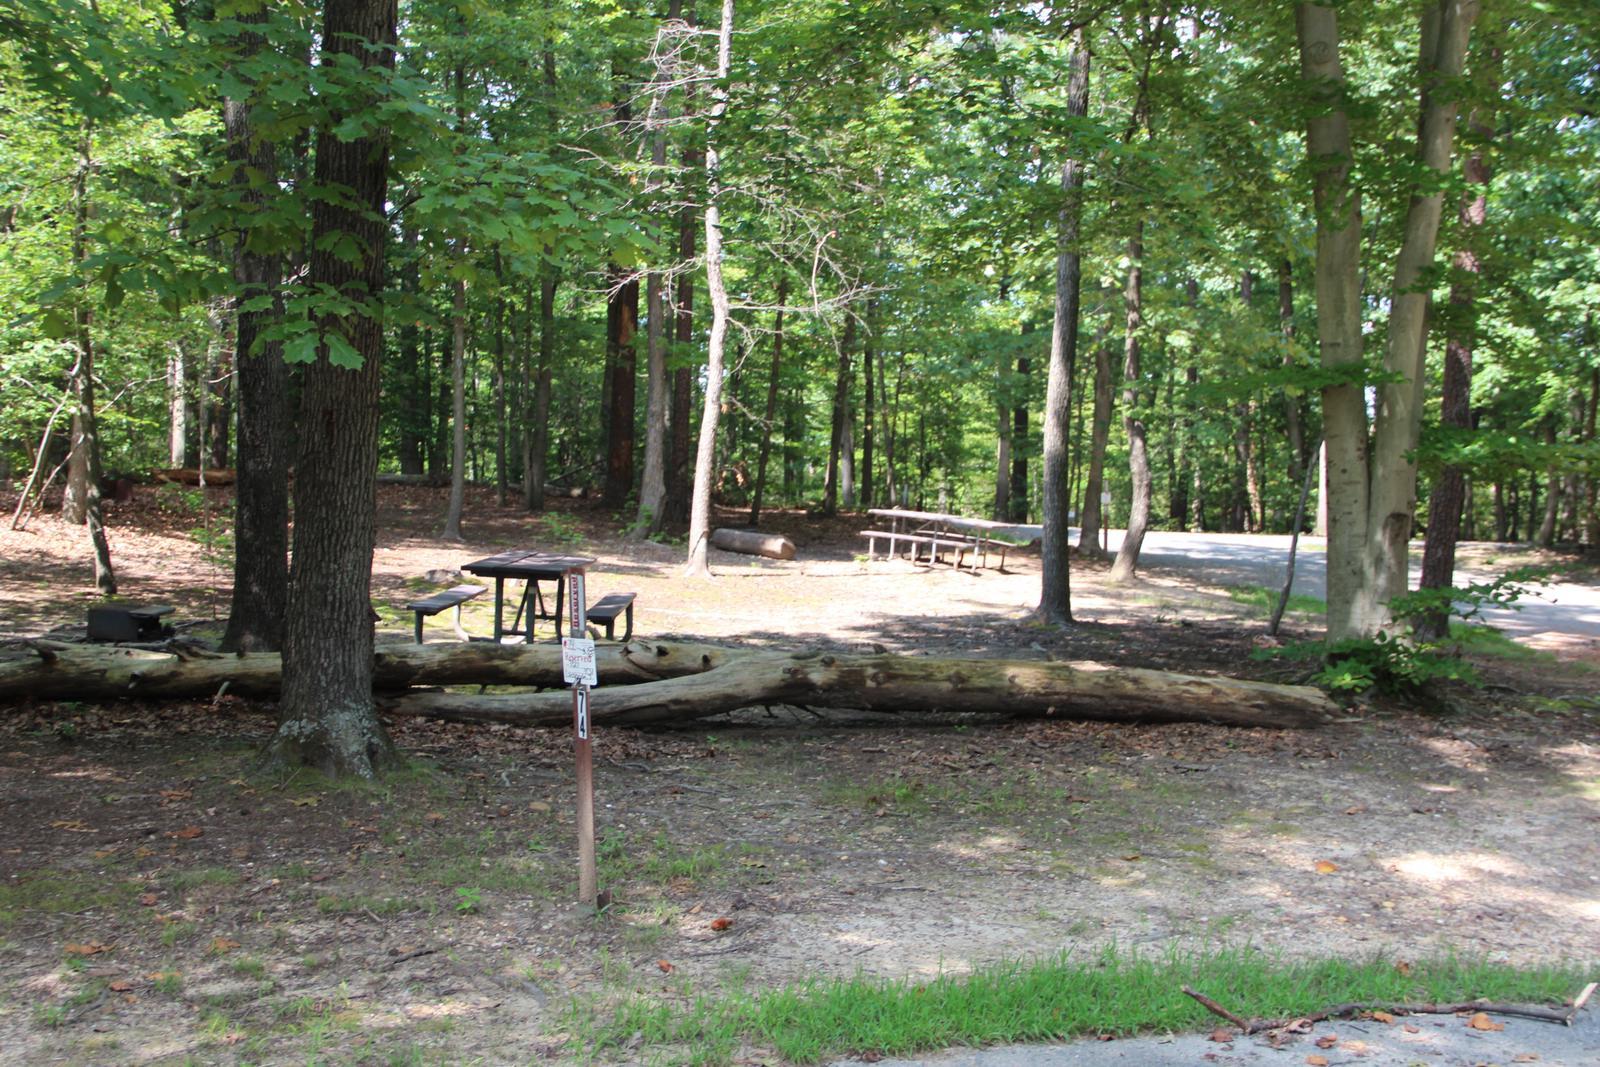 Greenbelt Park Campground Site 74